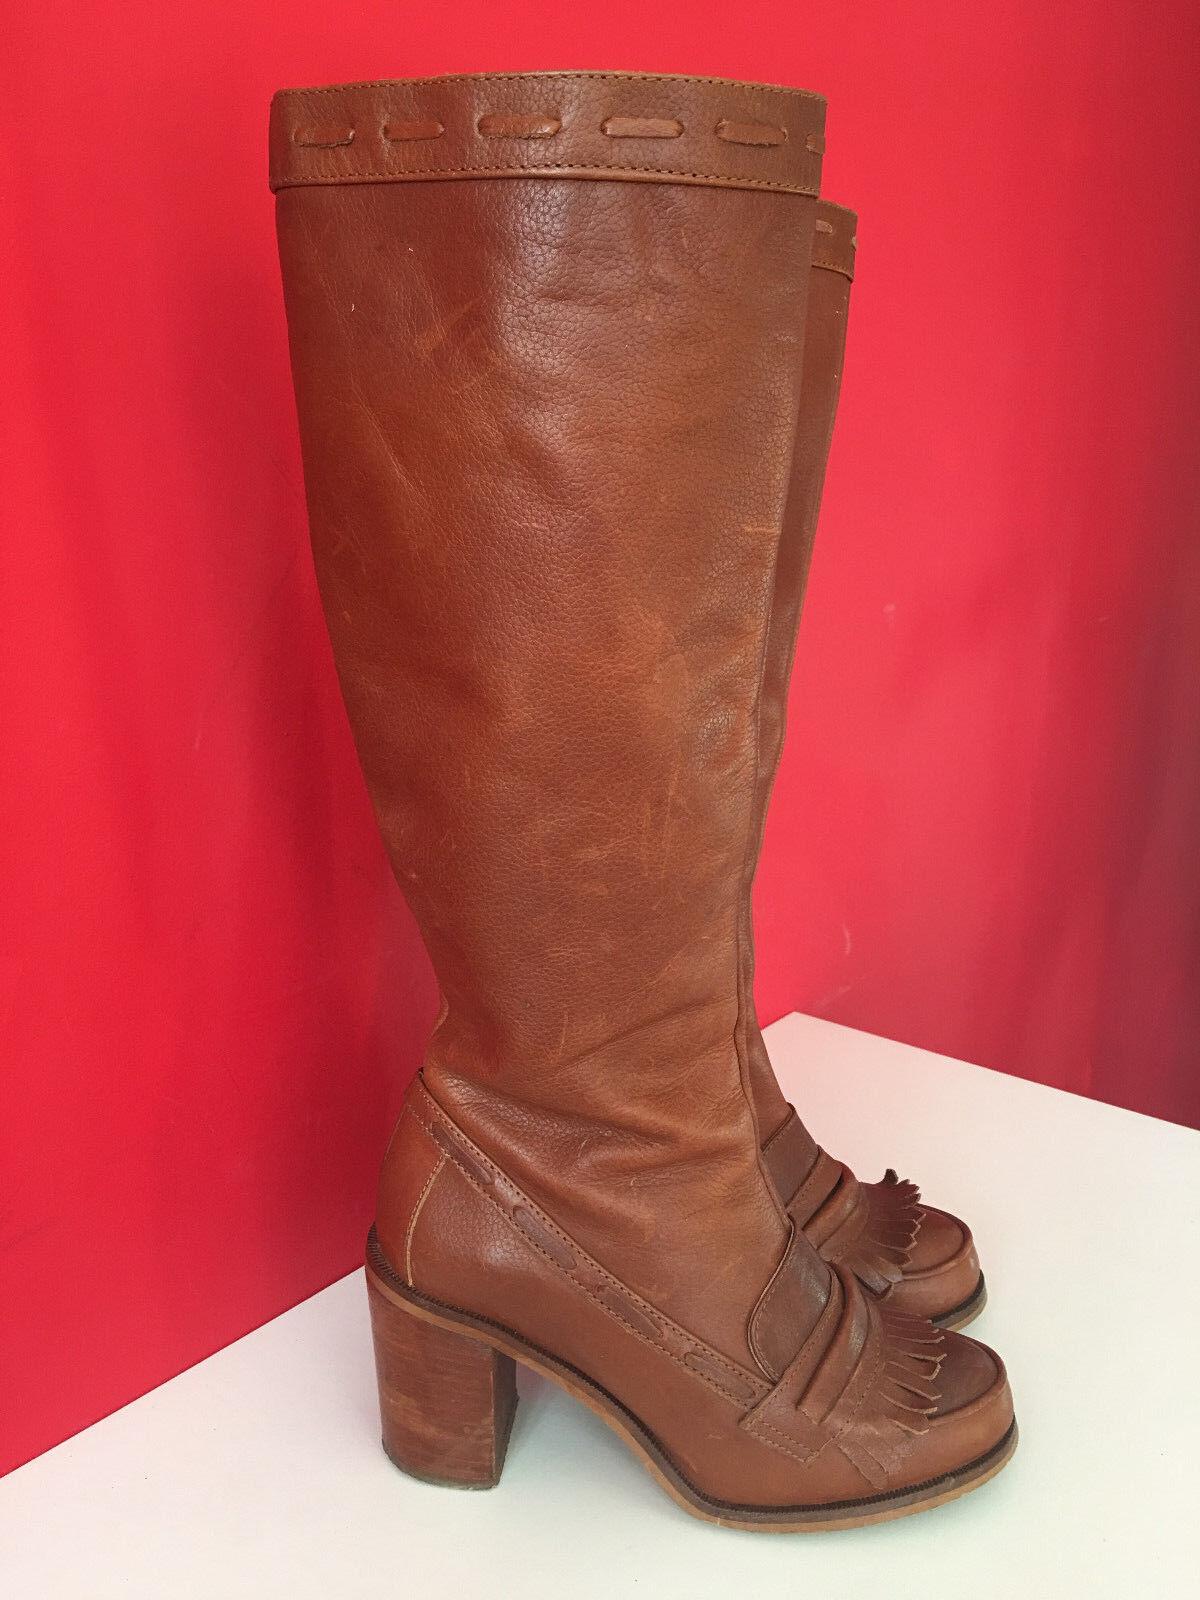 OFFICE braun Leather Retro Brogue Fringe Side Zip Knee High Stiefel Größe 5 EUR 38